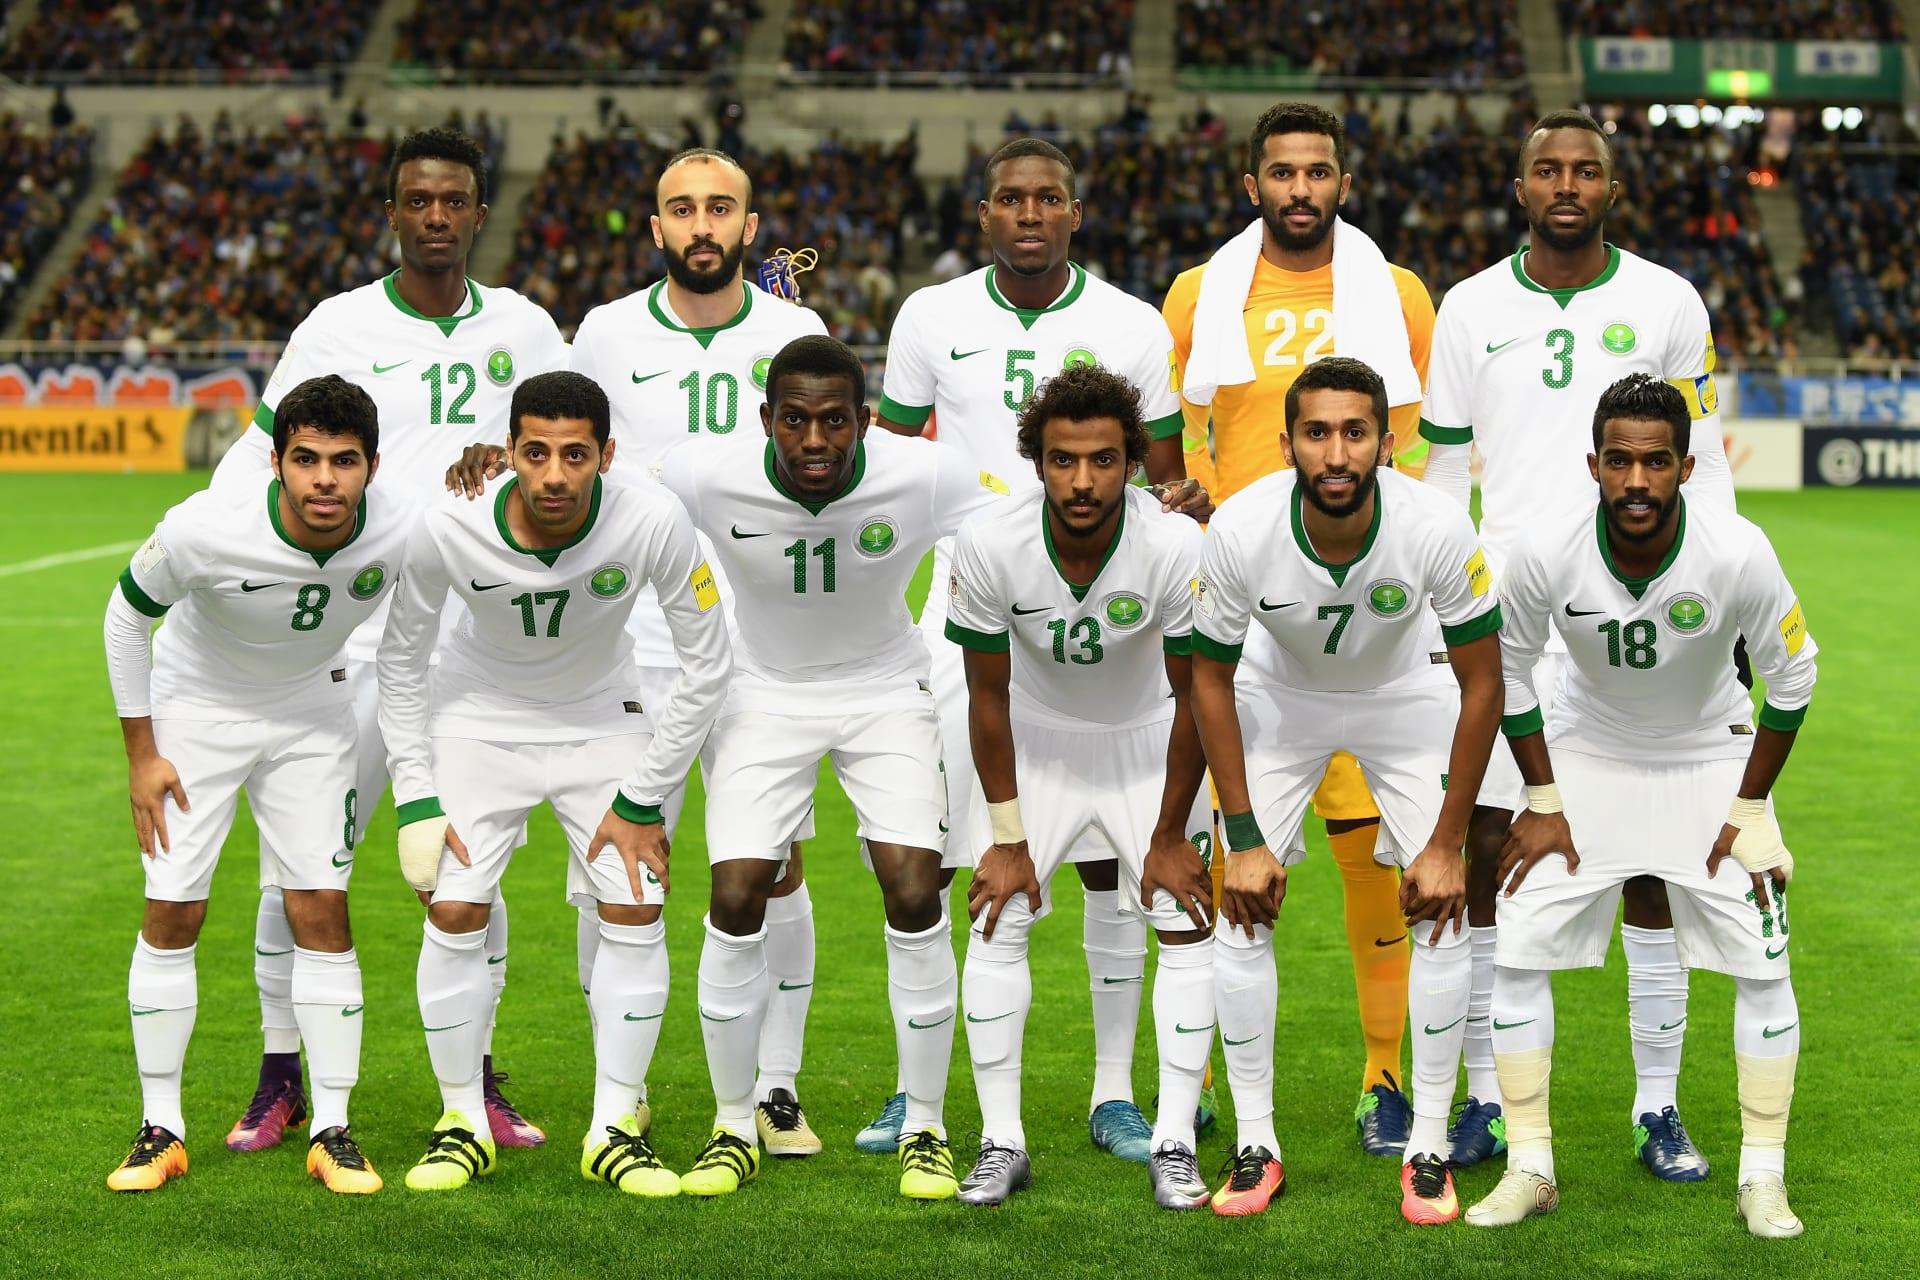 المنتخب السعودي يبدأ المرحلة الأولى من استعداداته لكأس العالم 2018